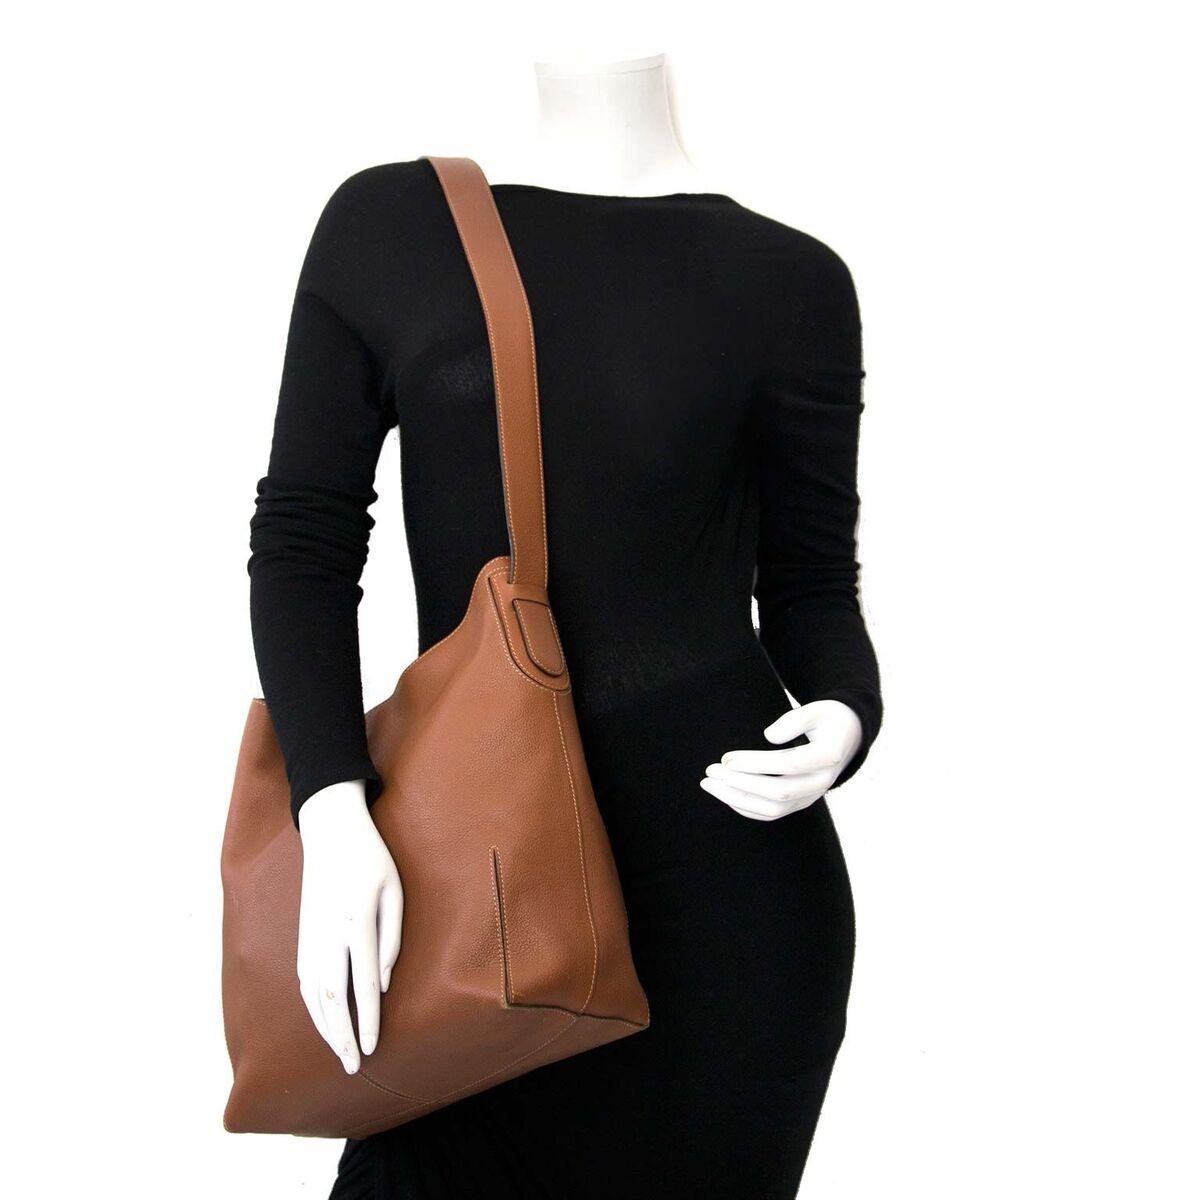 Koop authentieke tweedehands Delvaux bruine hobo handtas aan een eerlijke prijs bij LabelLOV. Veilig online shoppen.